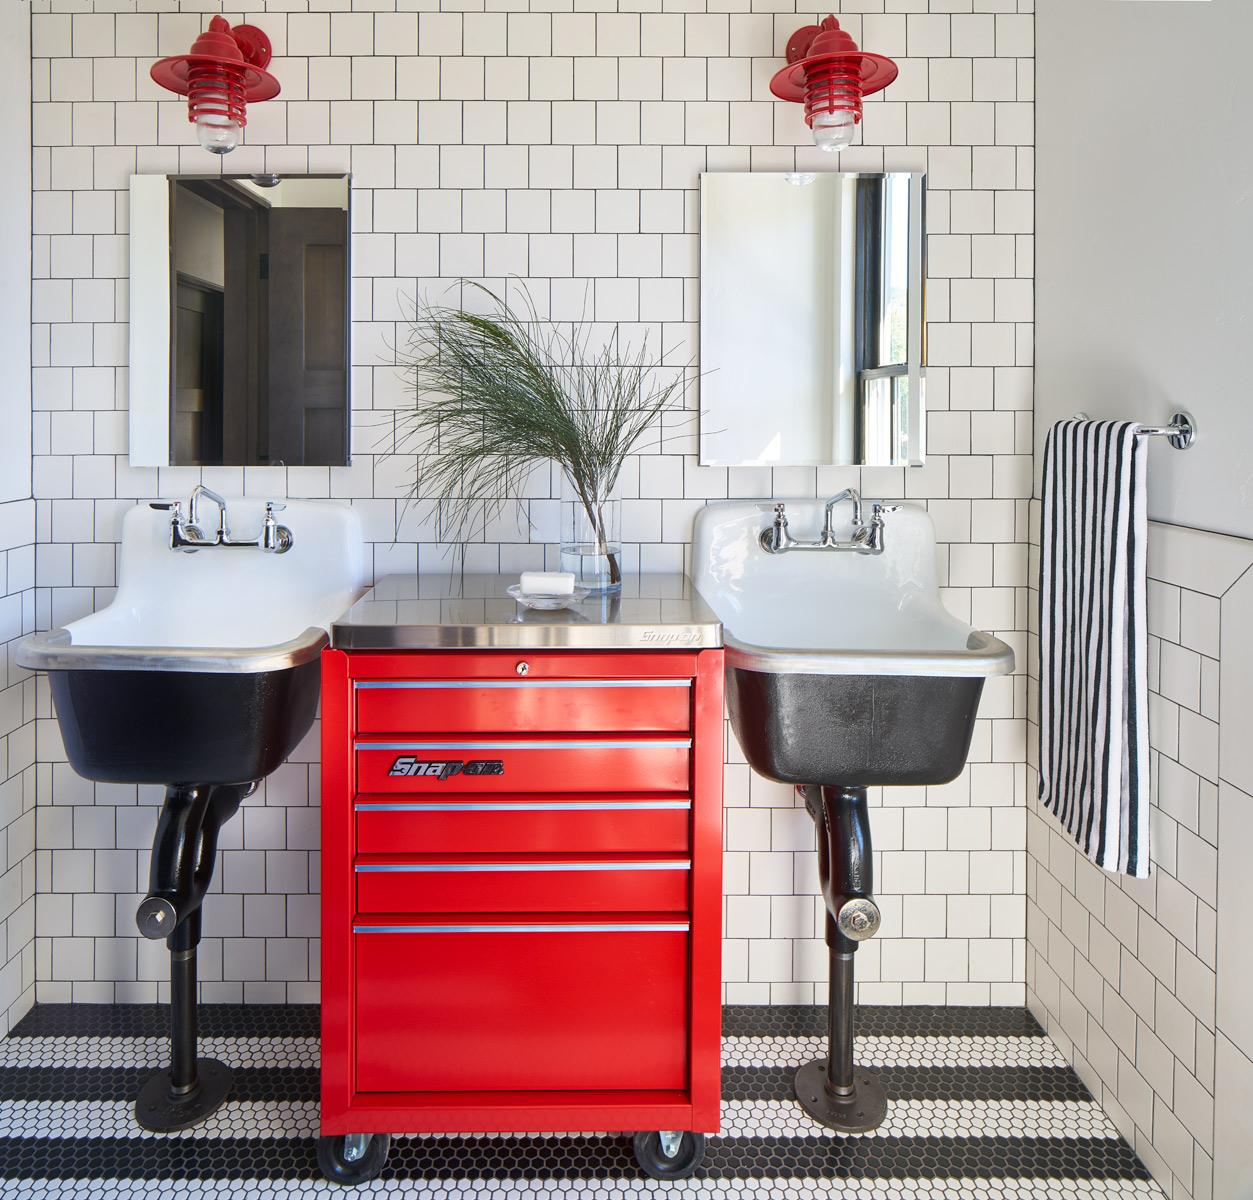 Gerber-Berend-325-9th-Street-6-19-17-Red-Bathroom-2nd-Floor-Web.jpg